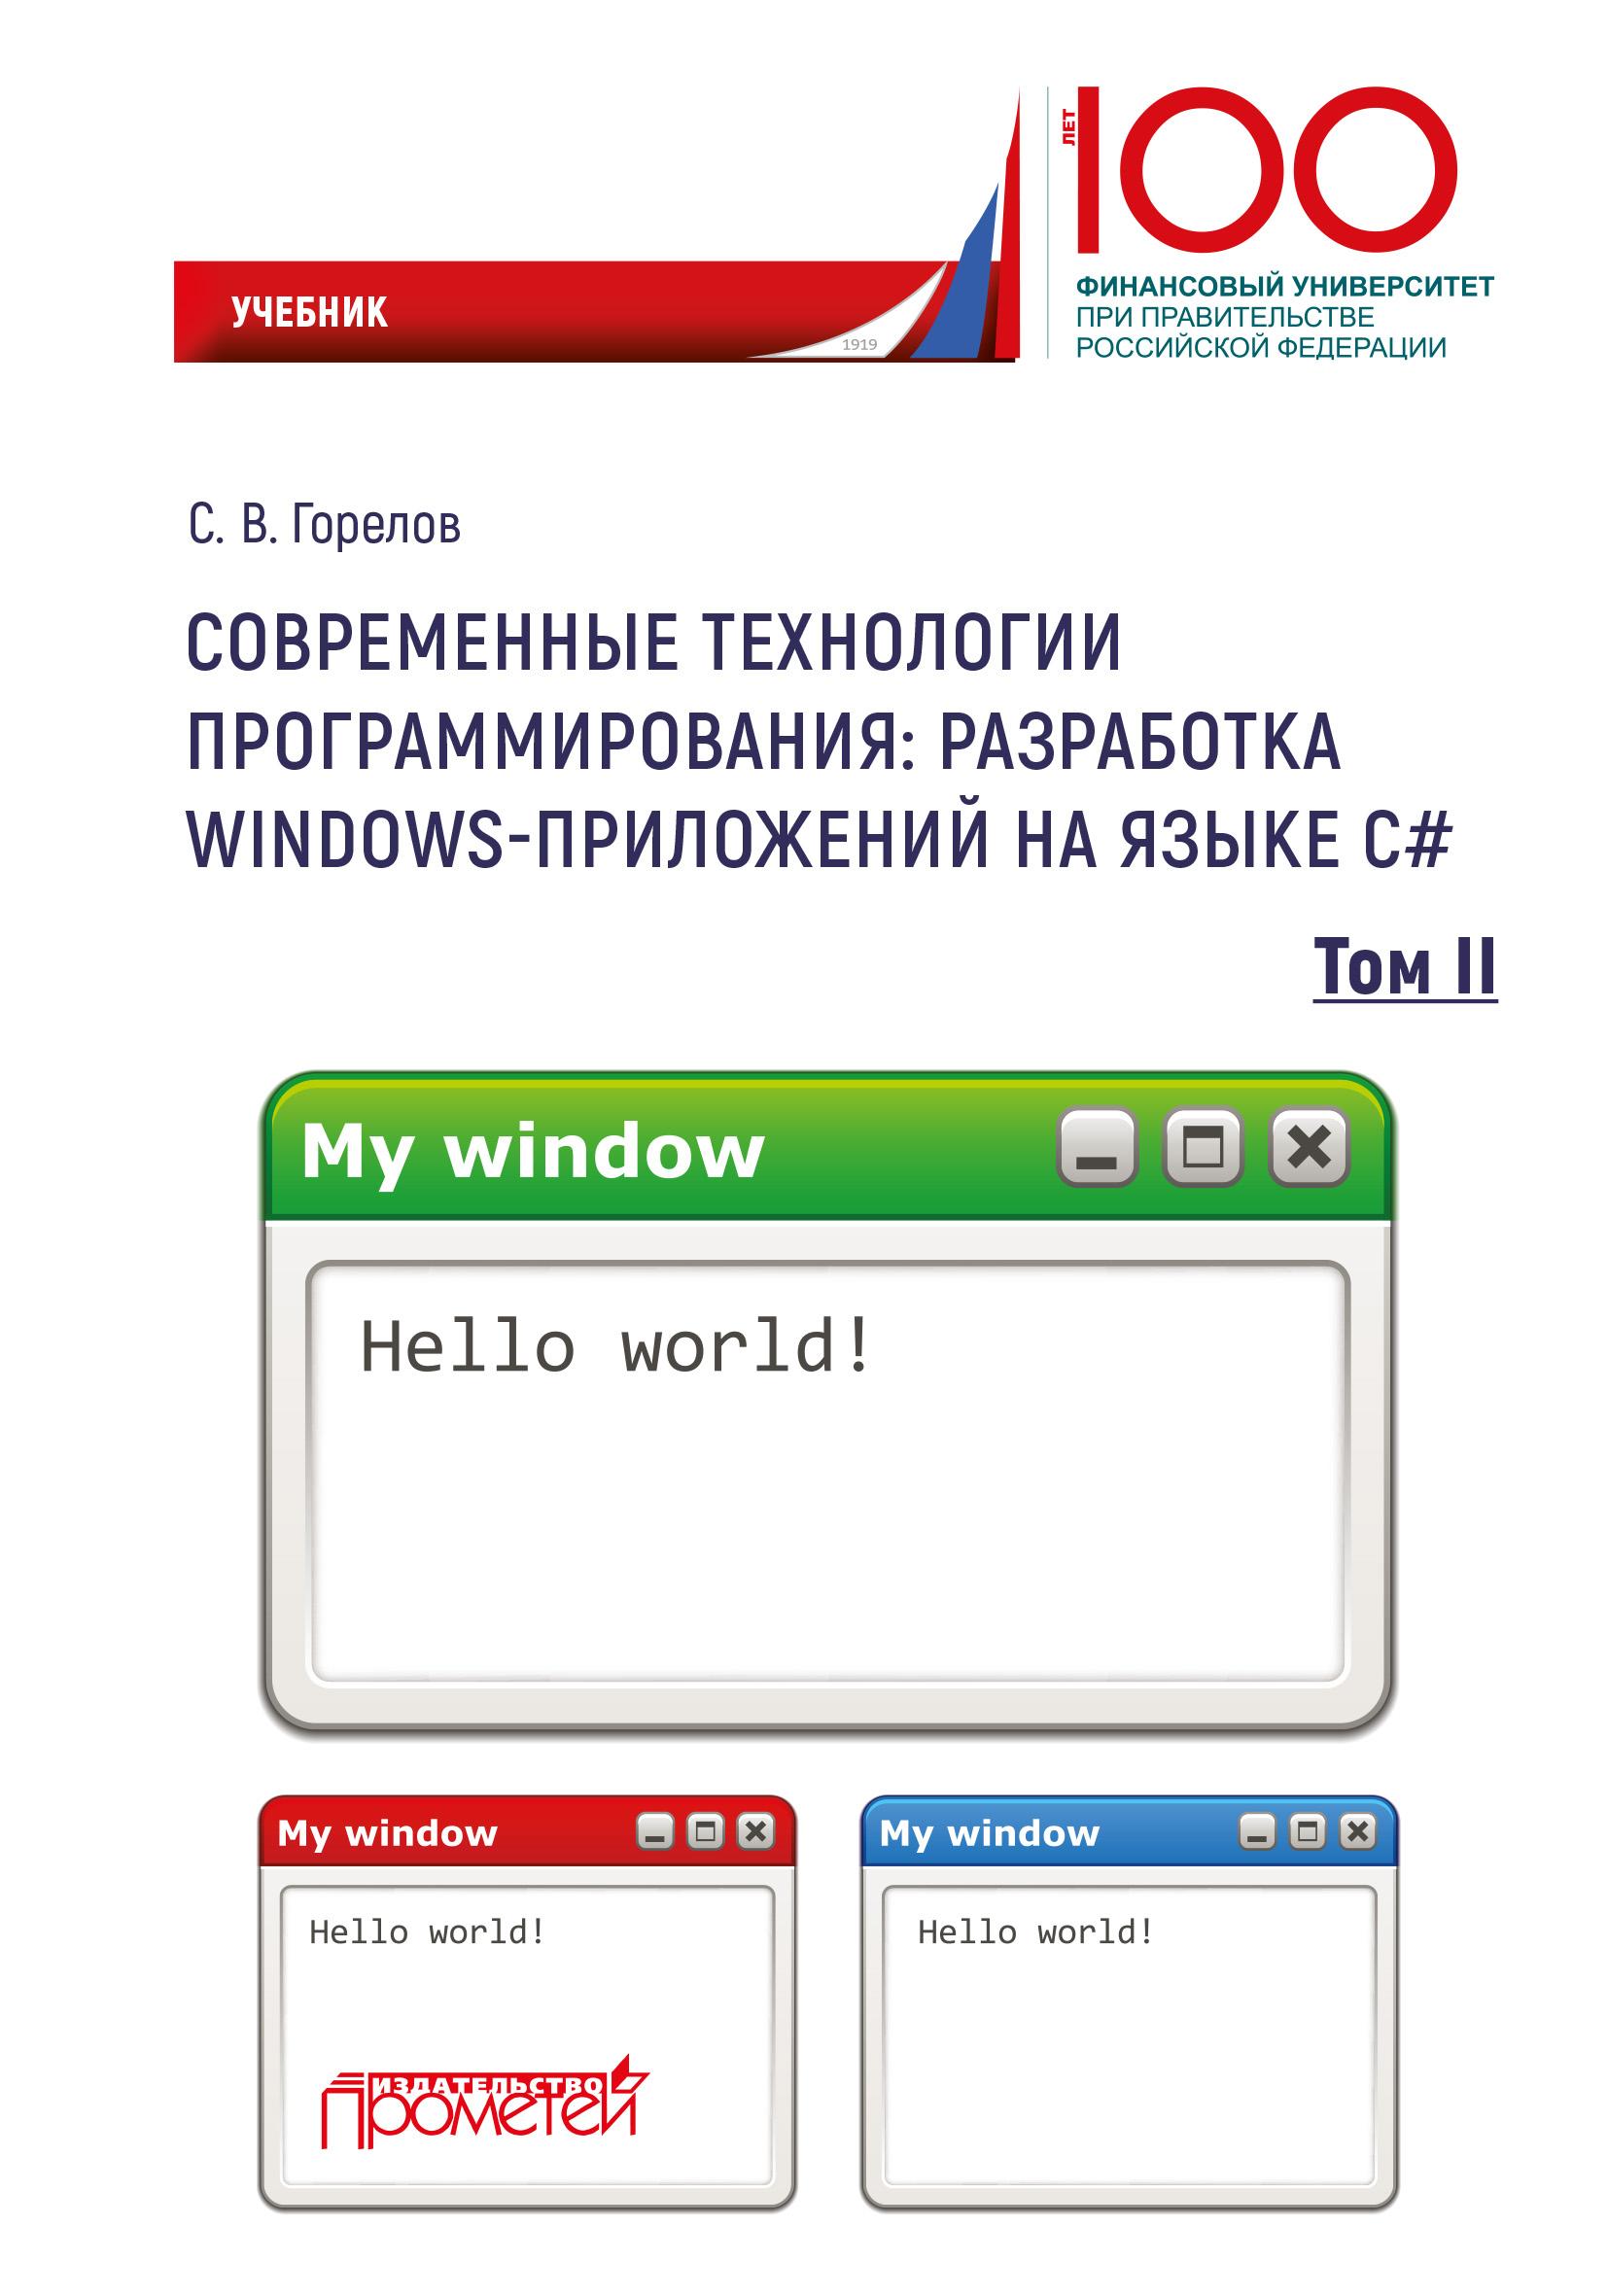 С. В. Горелов Современные технологии программирования: разработка Windows-приложений на языке С#. Том 2 б е крелль windows mobile разработка приложений для кпк